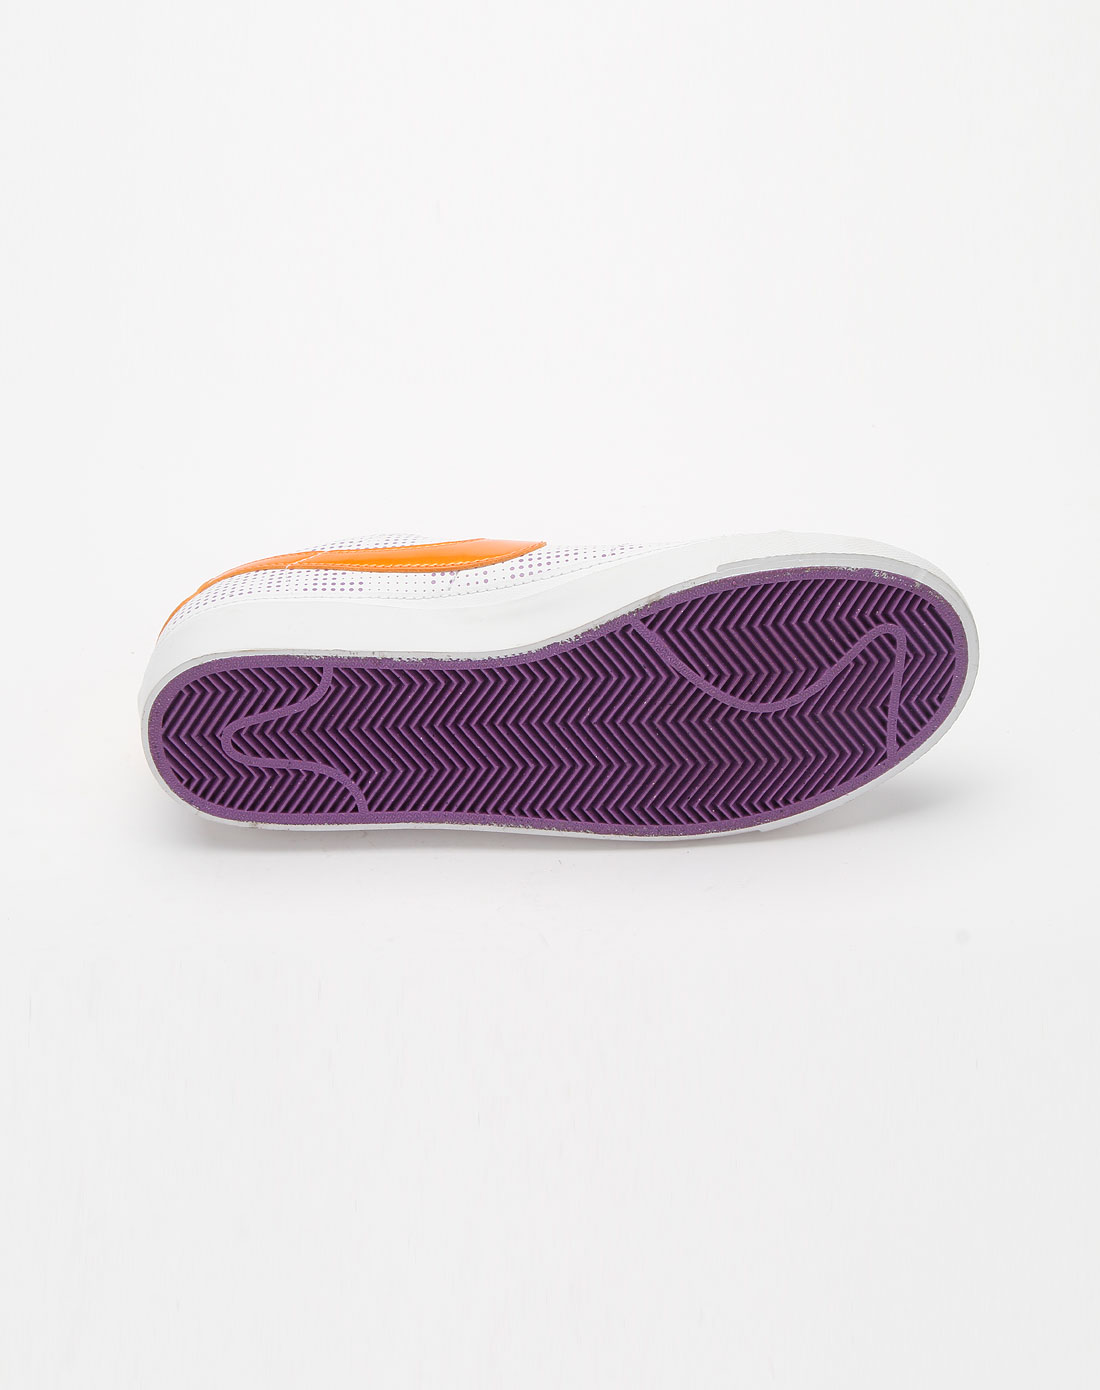 耐克nike女装专场-白/橙色时尚运动鞋